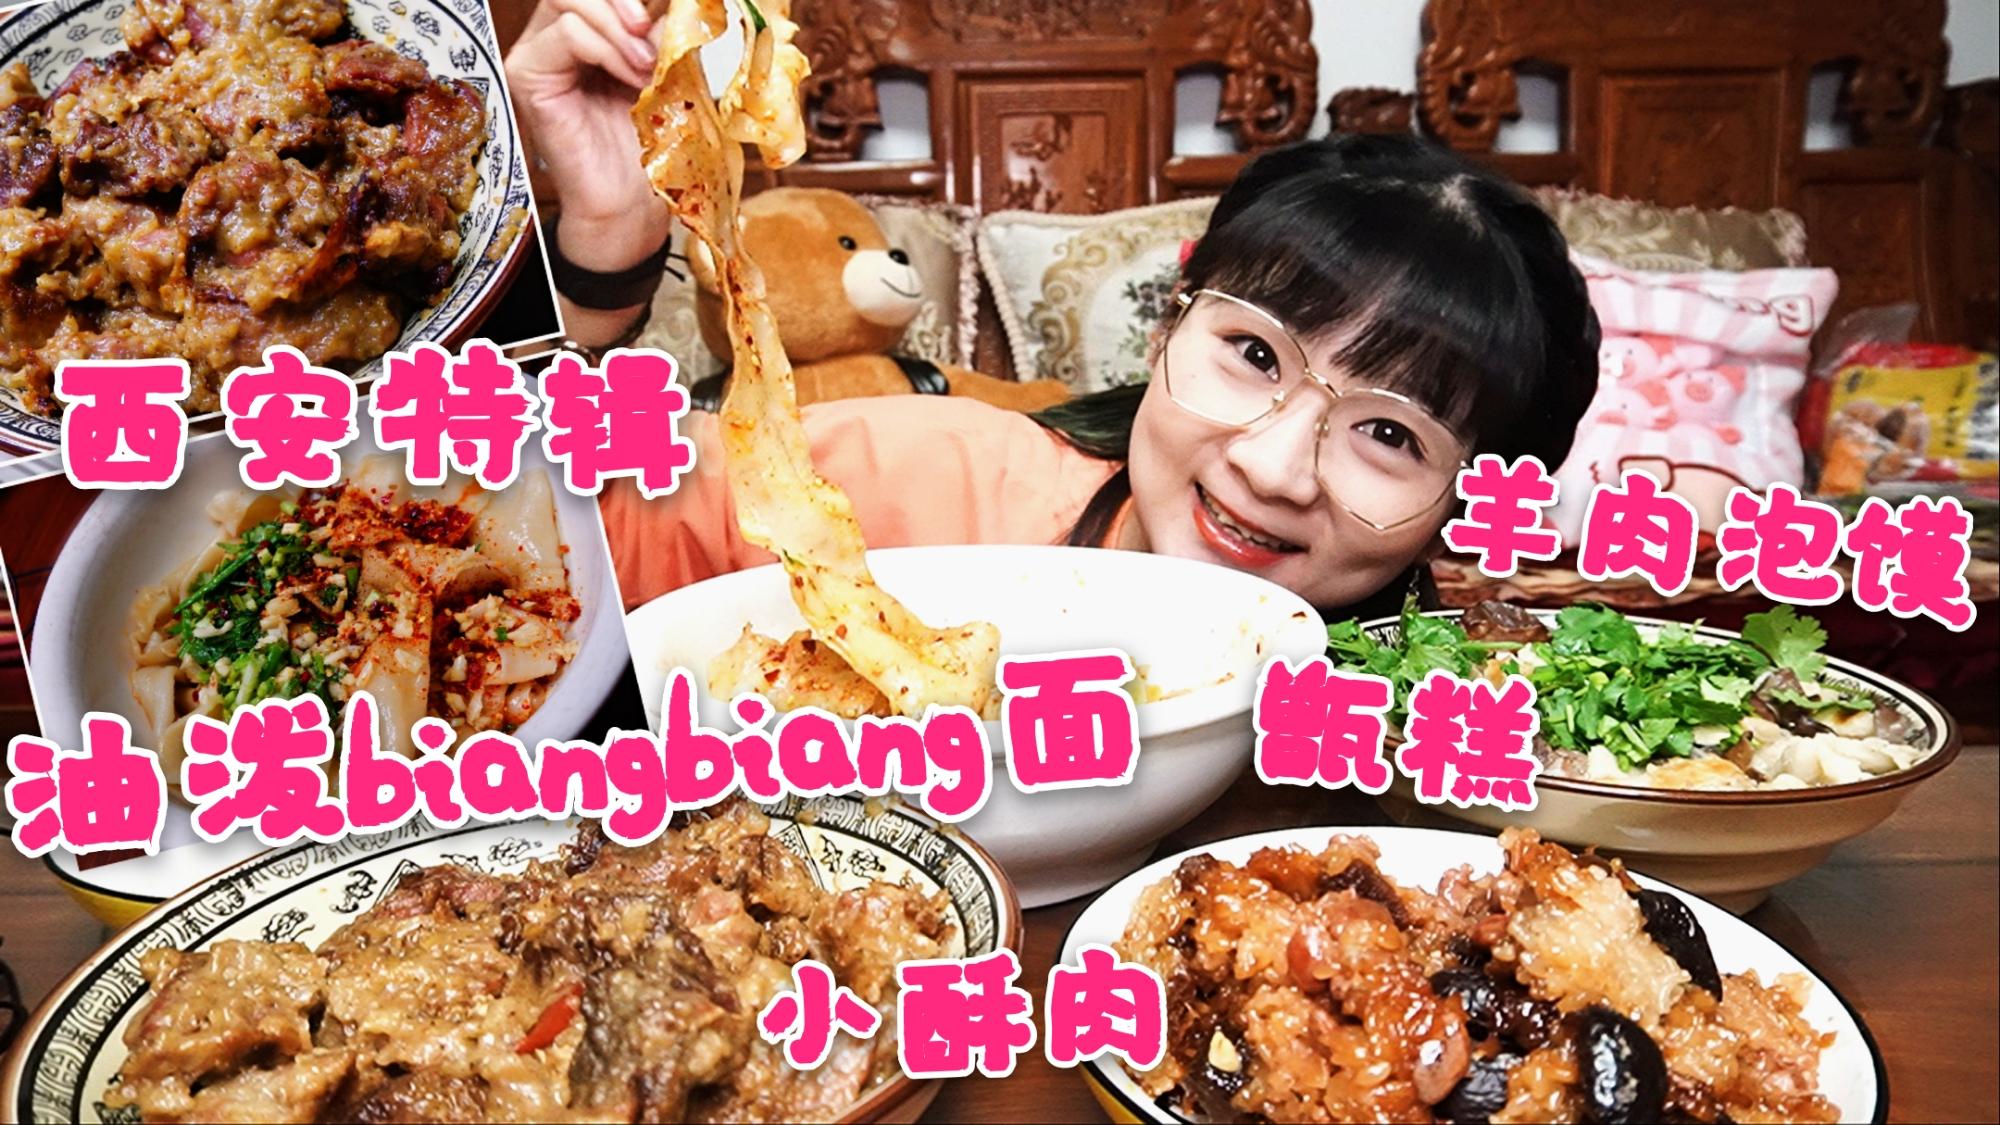 【小猪猪的vlog】宅家自制西安biangbiang面、仿制甑糕和小酥肉!